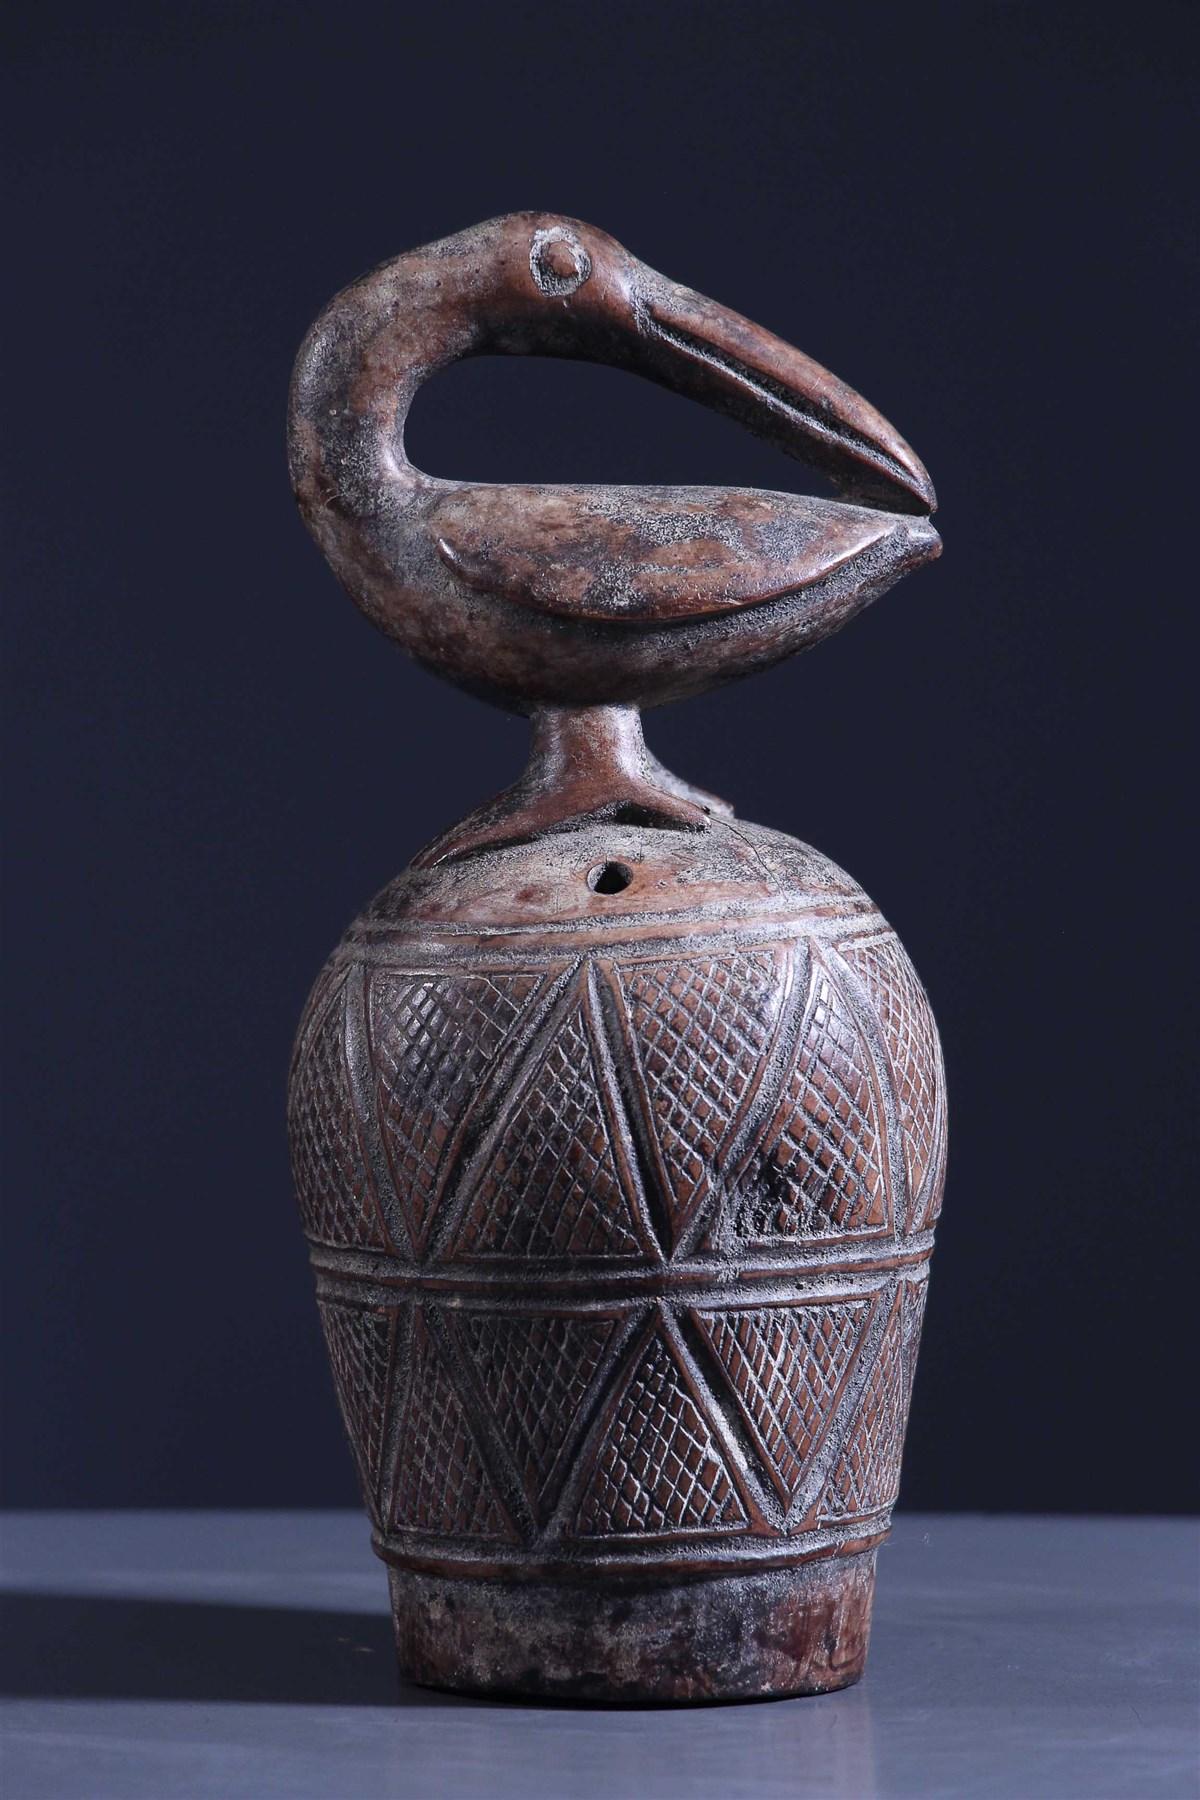 Cloche rituelle zoomorphe Kuba - art primitif